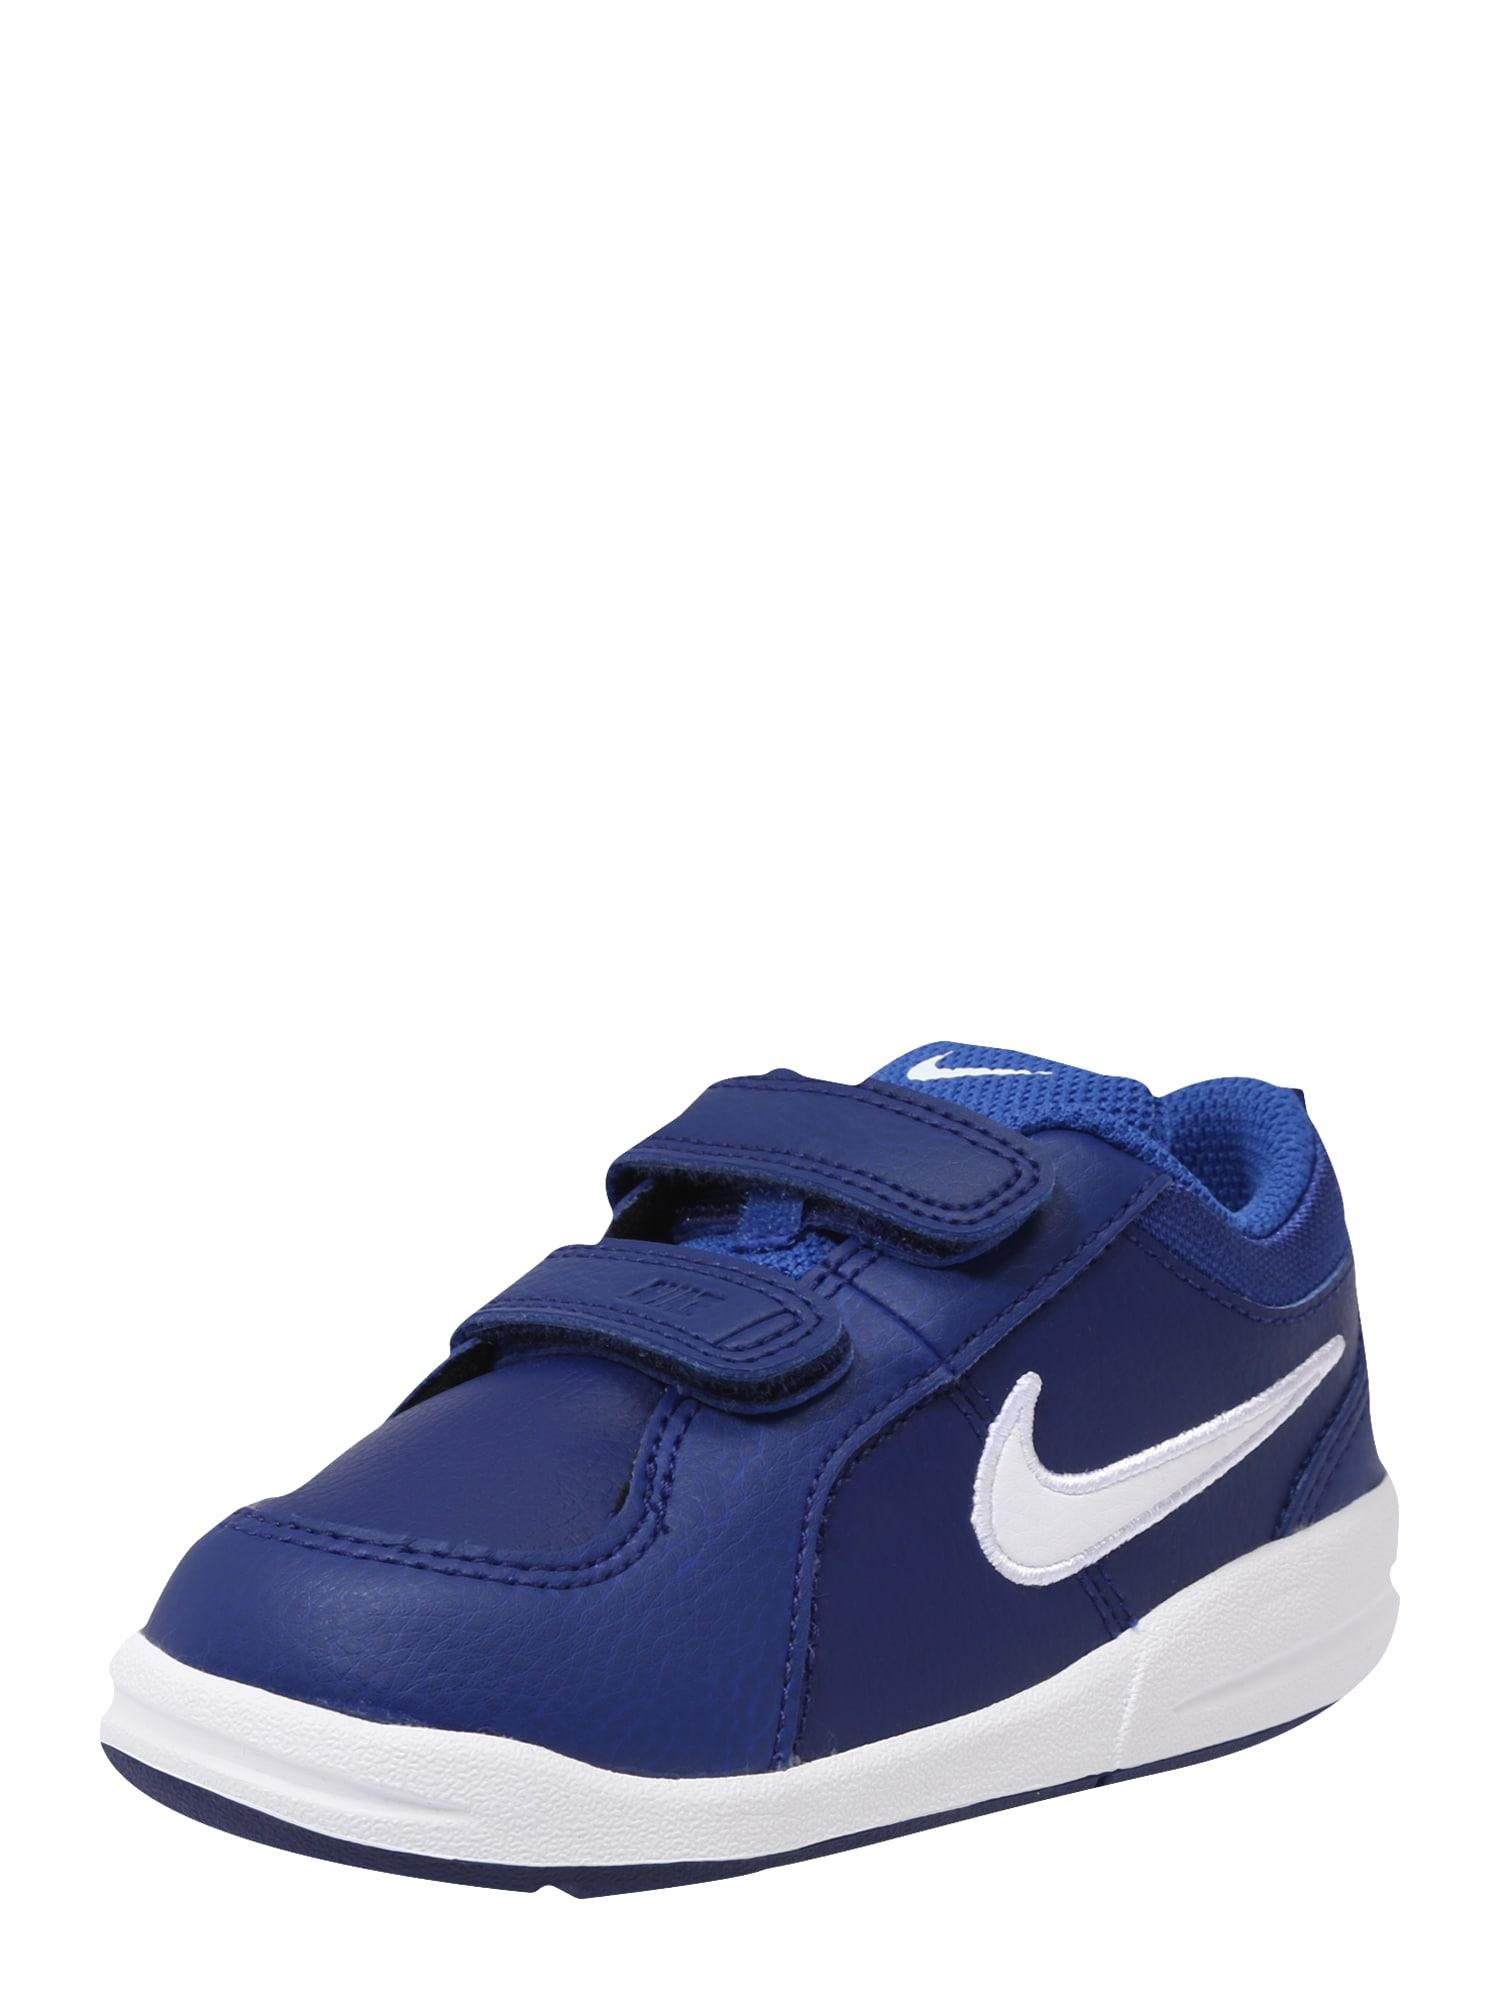 Tenisky Nike Pico 4 královská modrá bílá Nike Sportswear